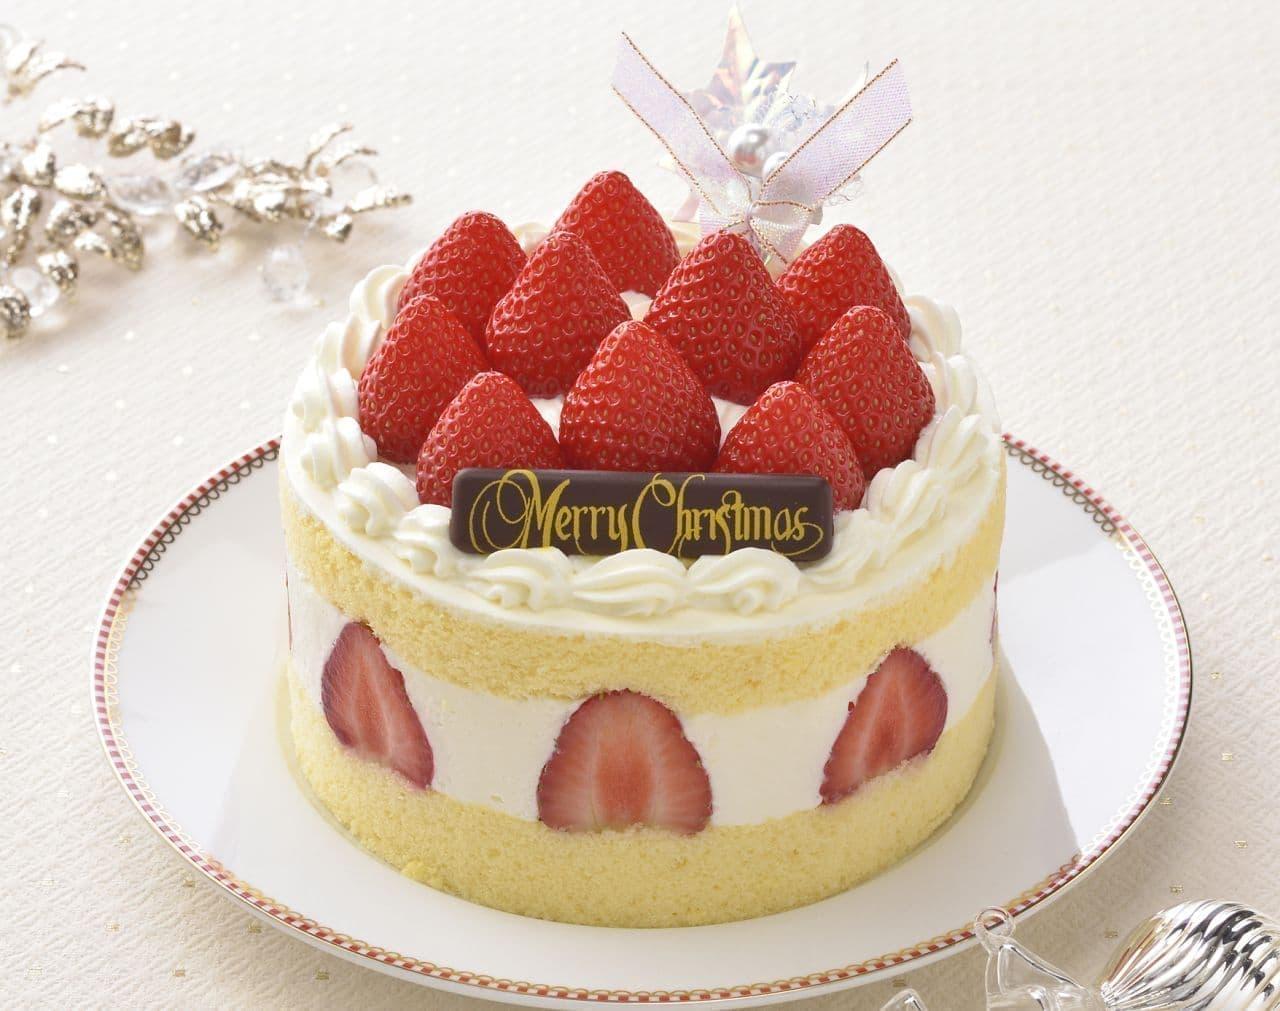 銀座コージーコーナー「たっぷり苺のデラックスクリスマス(4.5号)」